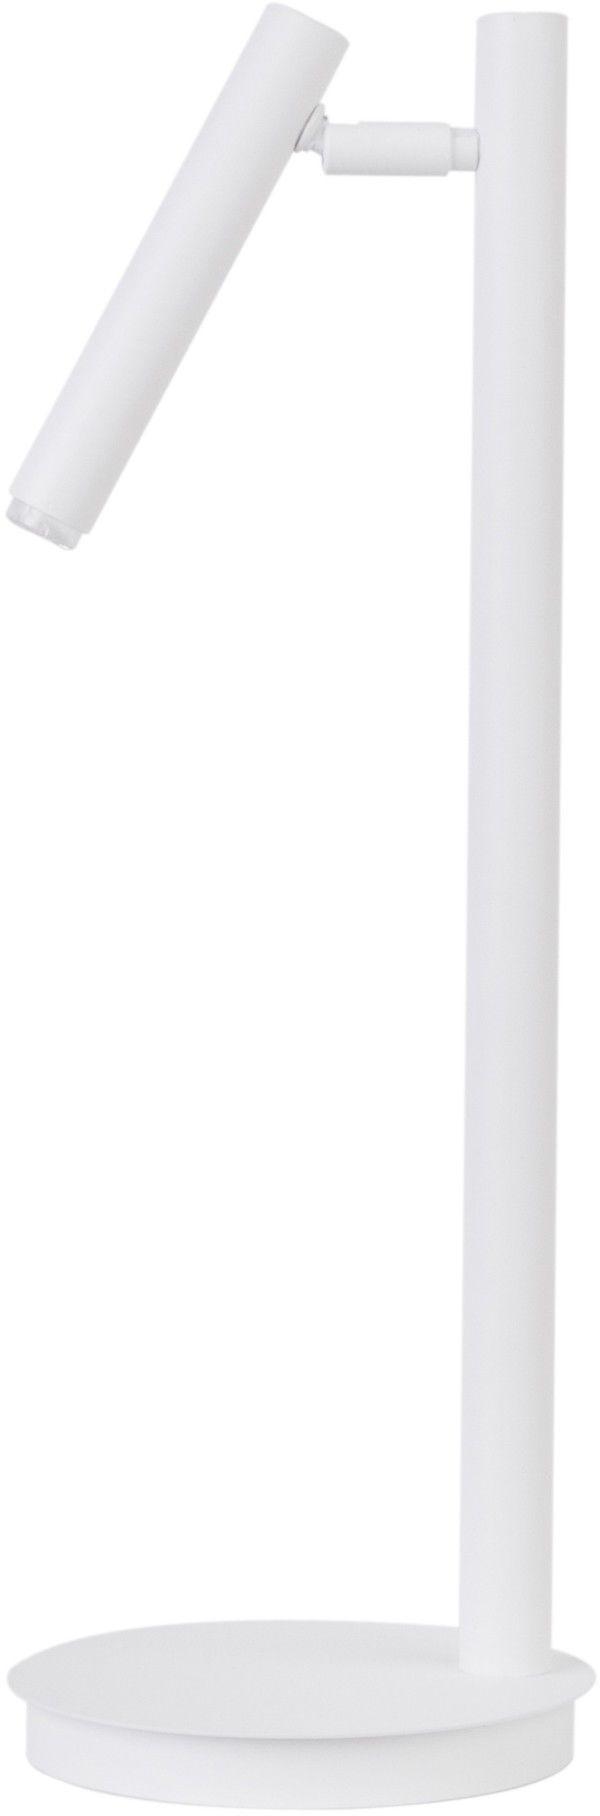 Lampka SOPEL biały 50196 - Sigma // Rabaty w koszyku i darmowa dostawa od 299zł !